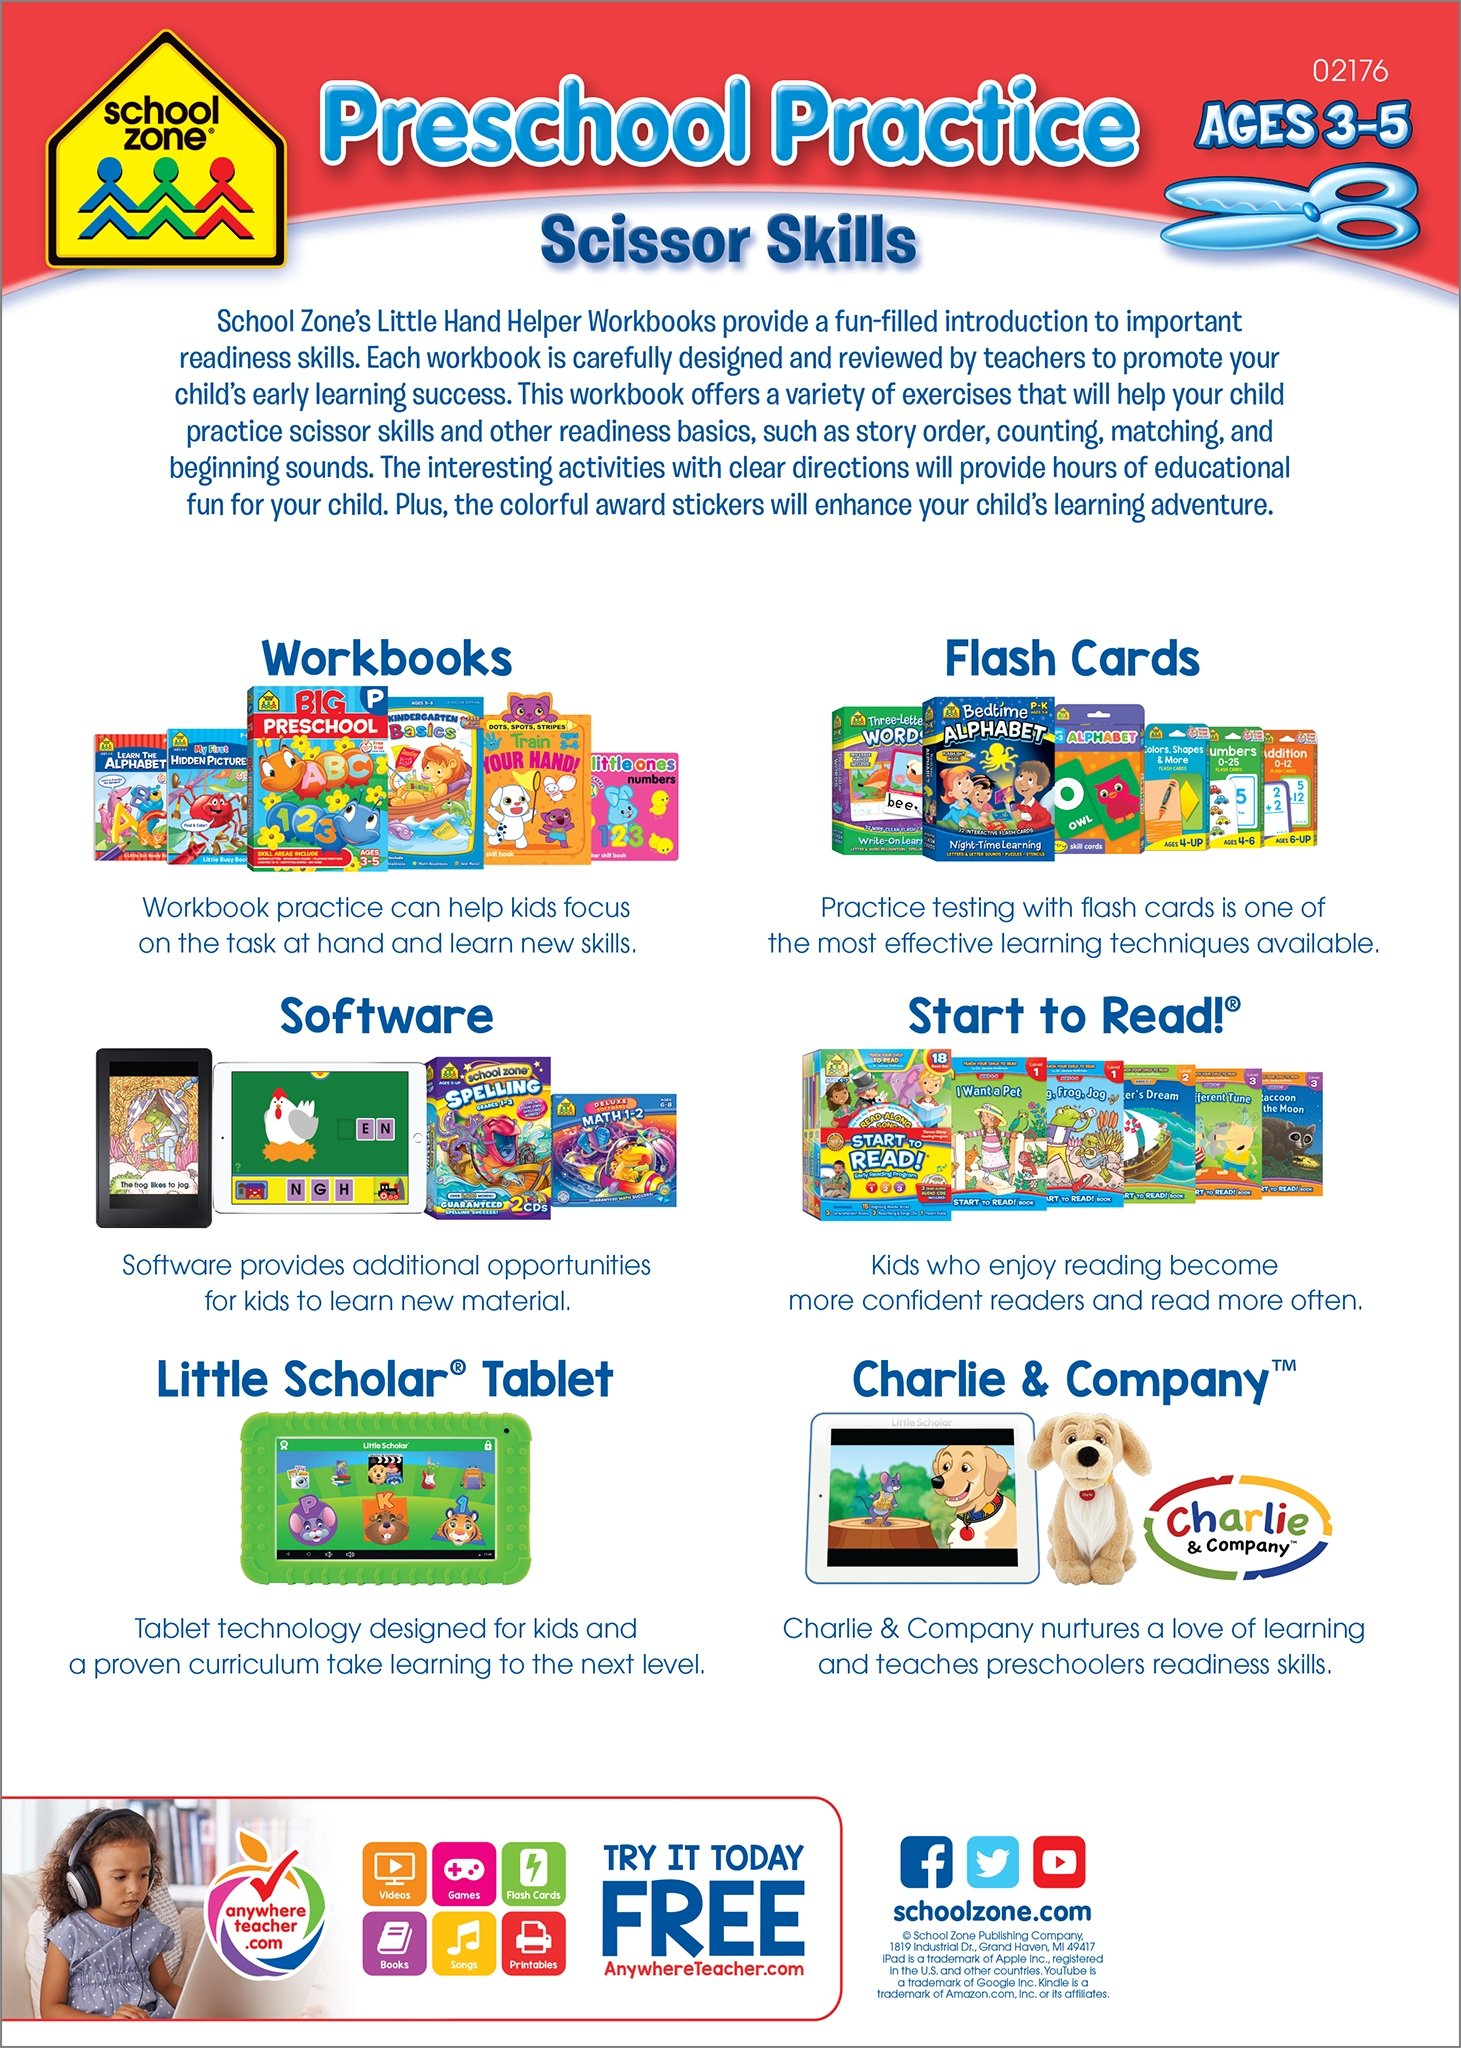 Preschool Practice Scissors Skills Workbook, Ages 3-5, playful ...